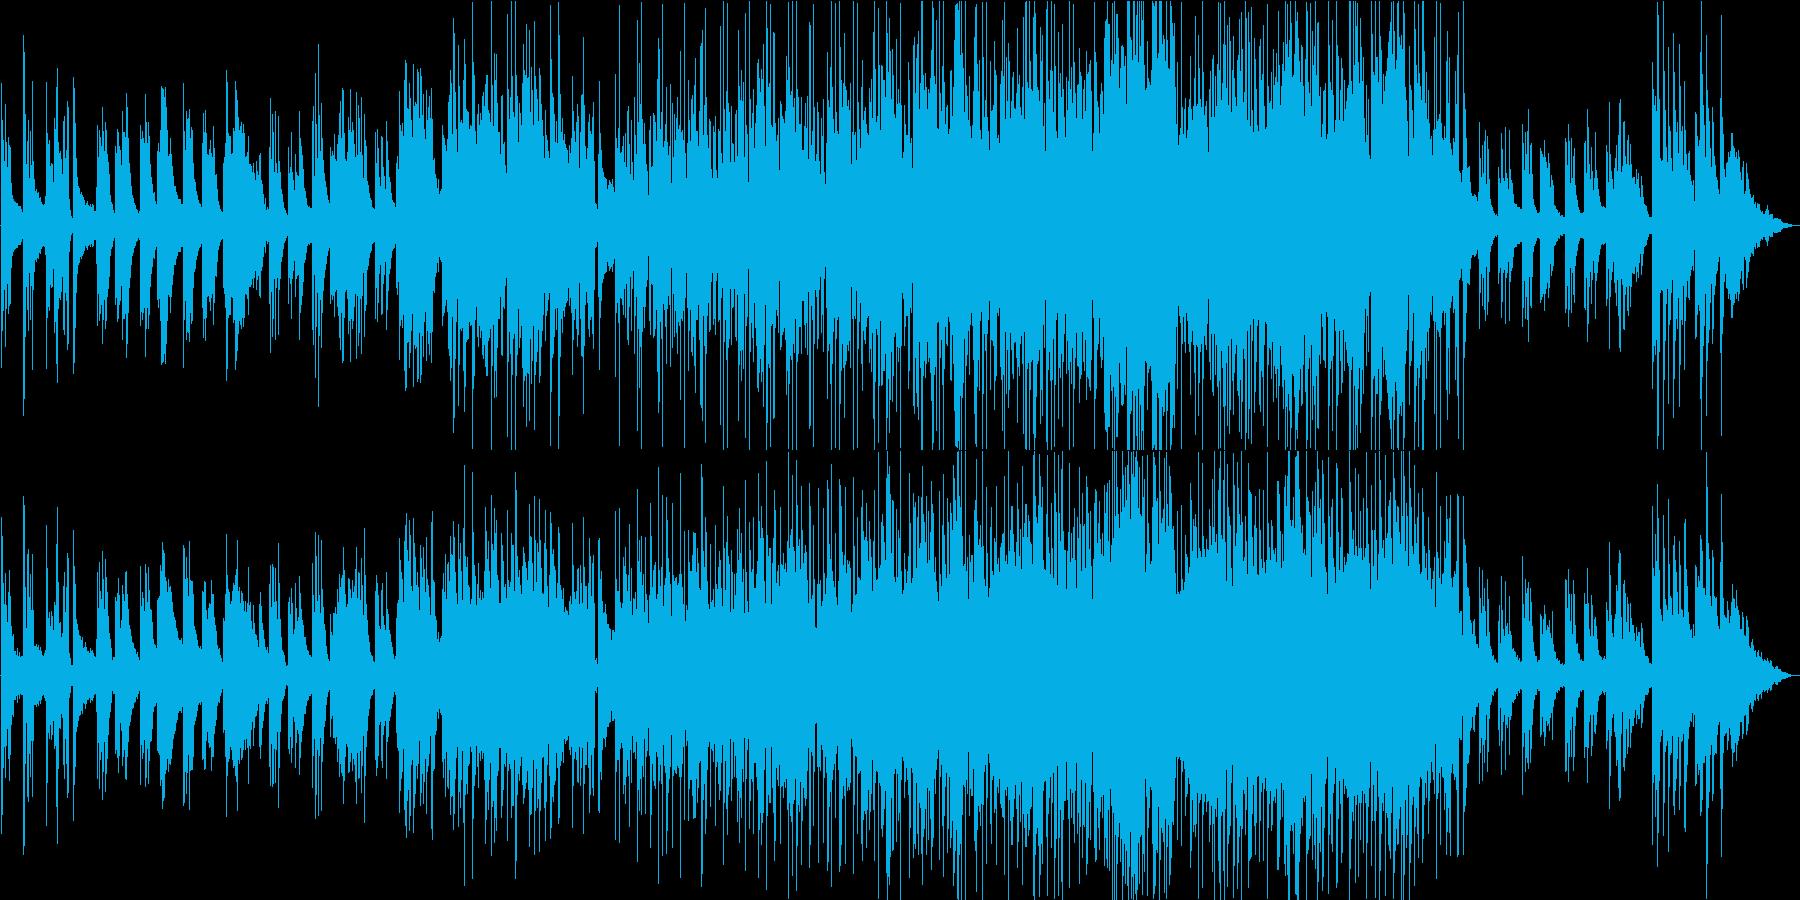 星空 ピアノソロ&雰囲気シンセ バラードの再生済みの波形